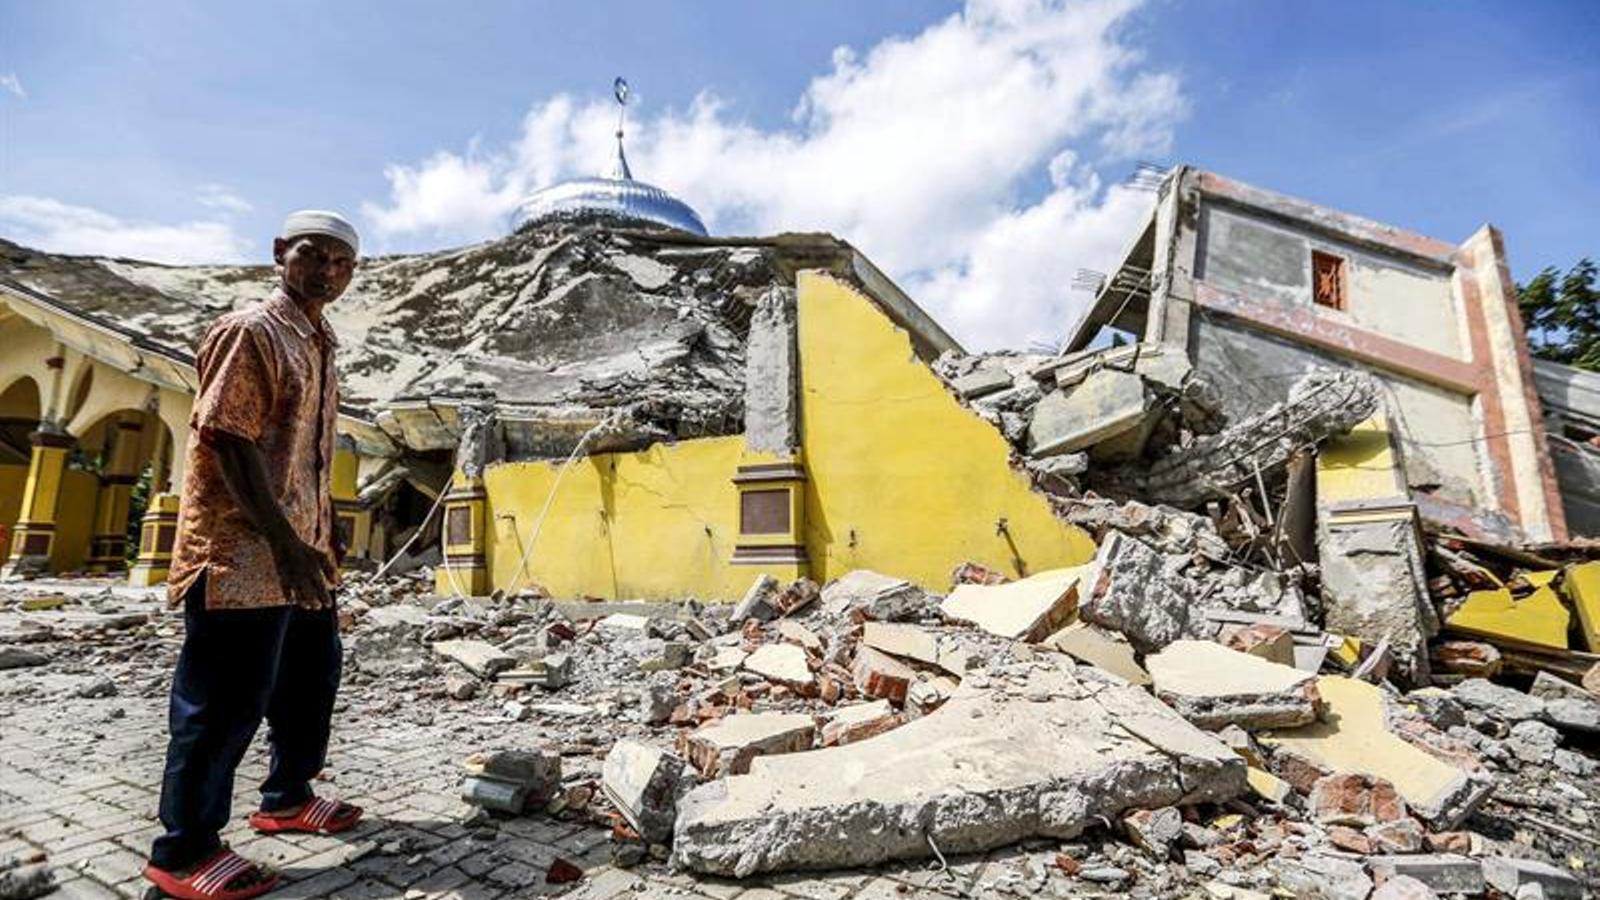 Un home passa per davant d'una mesquita destruïda per la sacsejada.